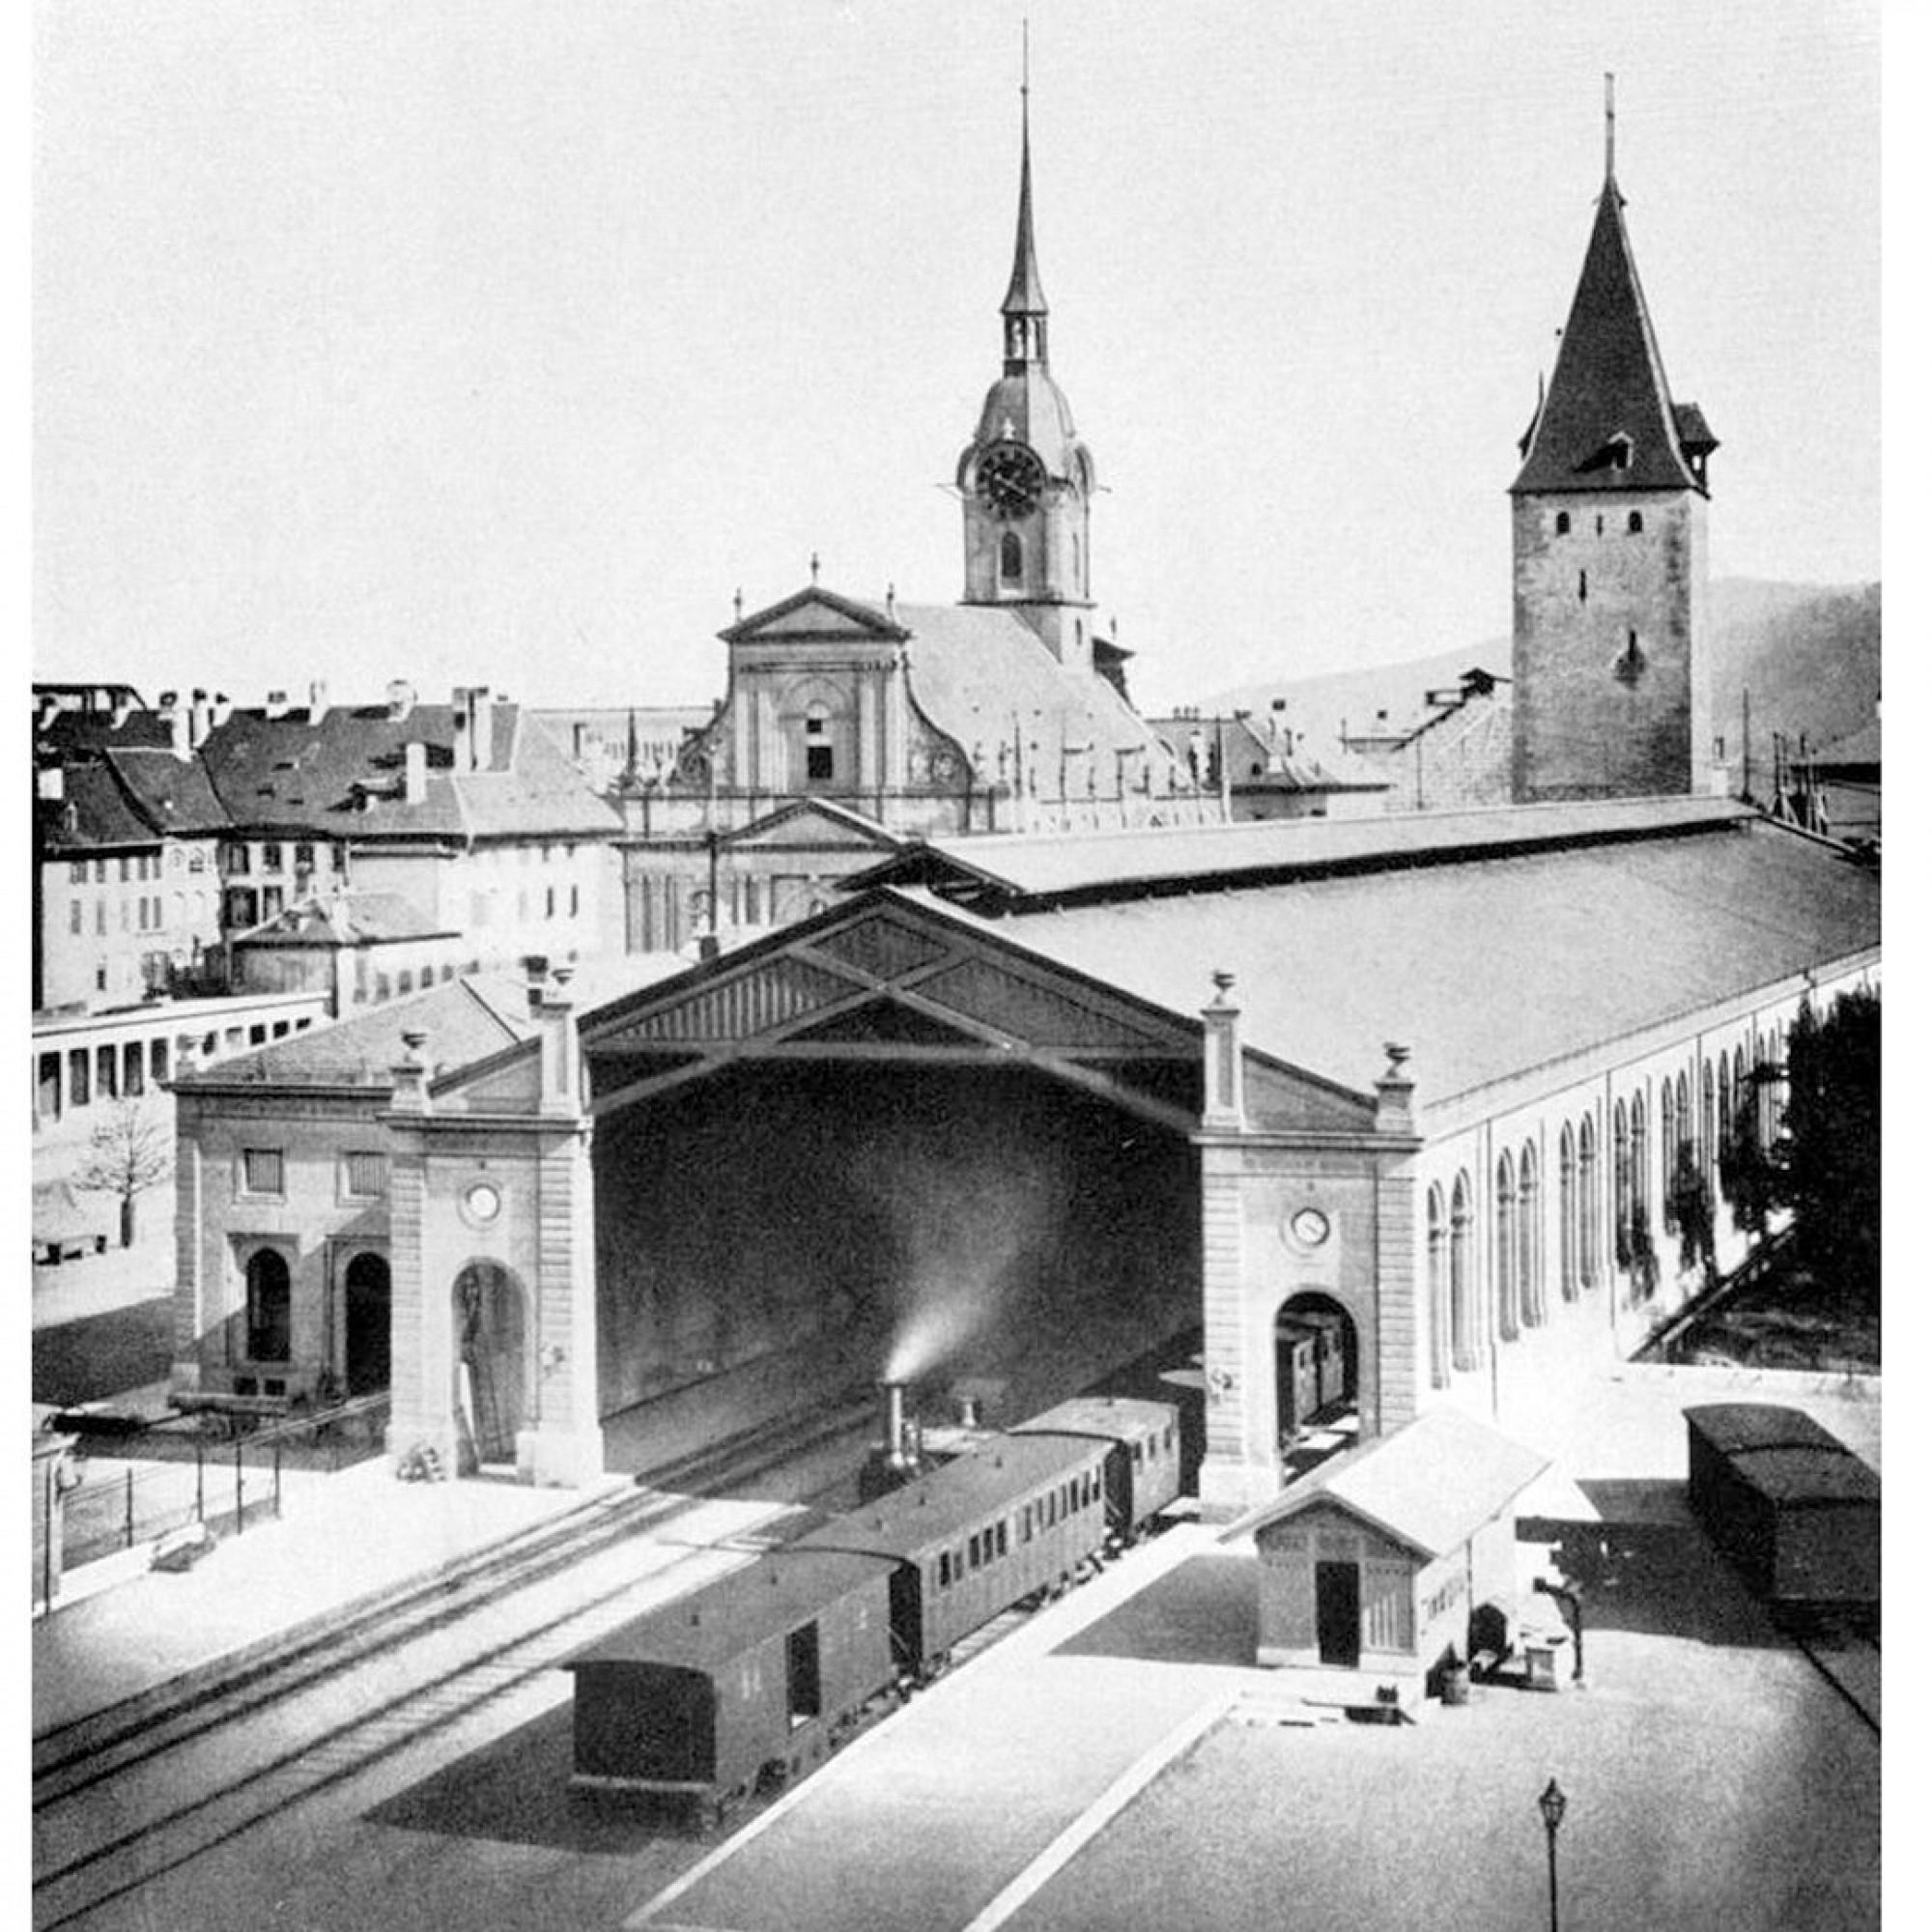 Die Einfahrt in den Bahnhof Bern im Jahre 1860.